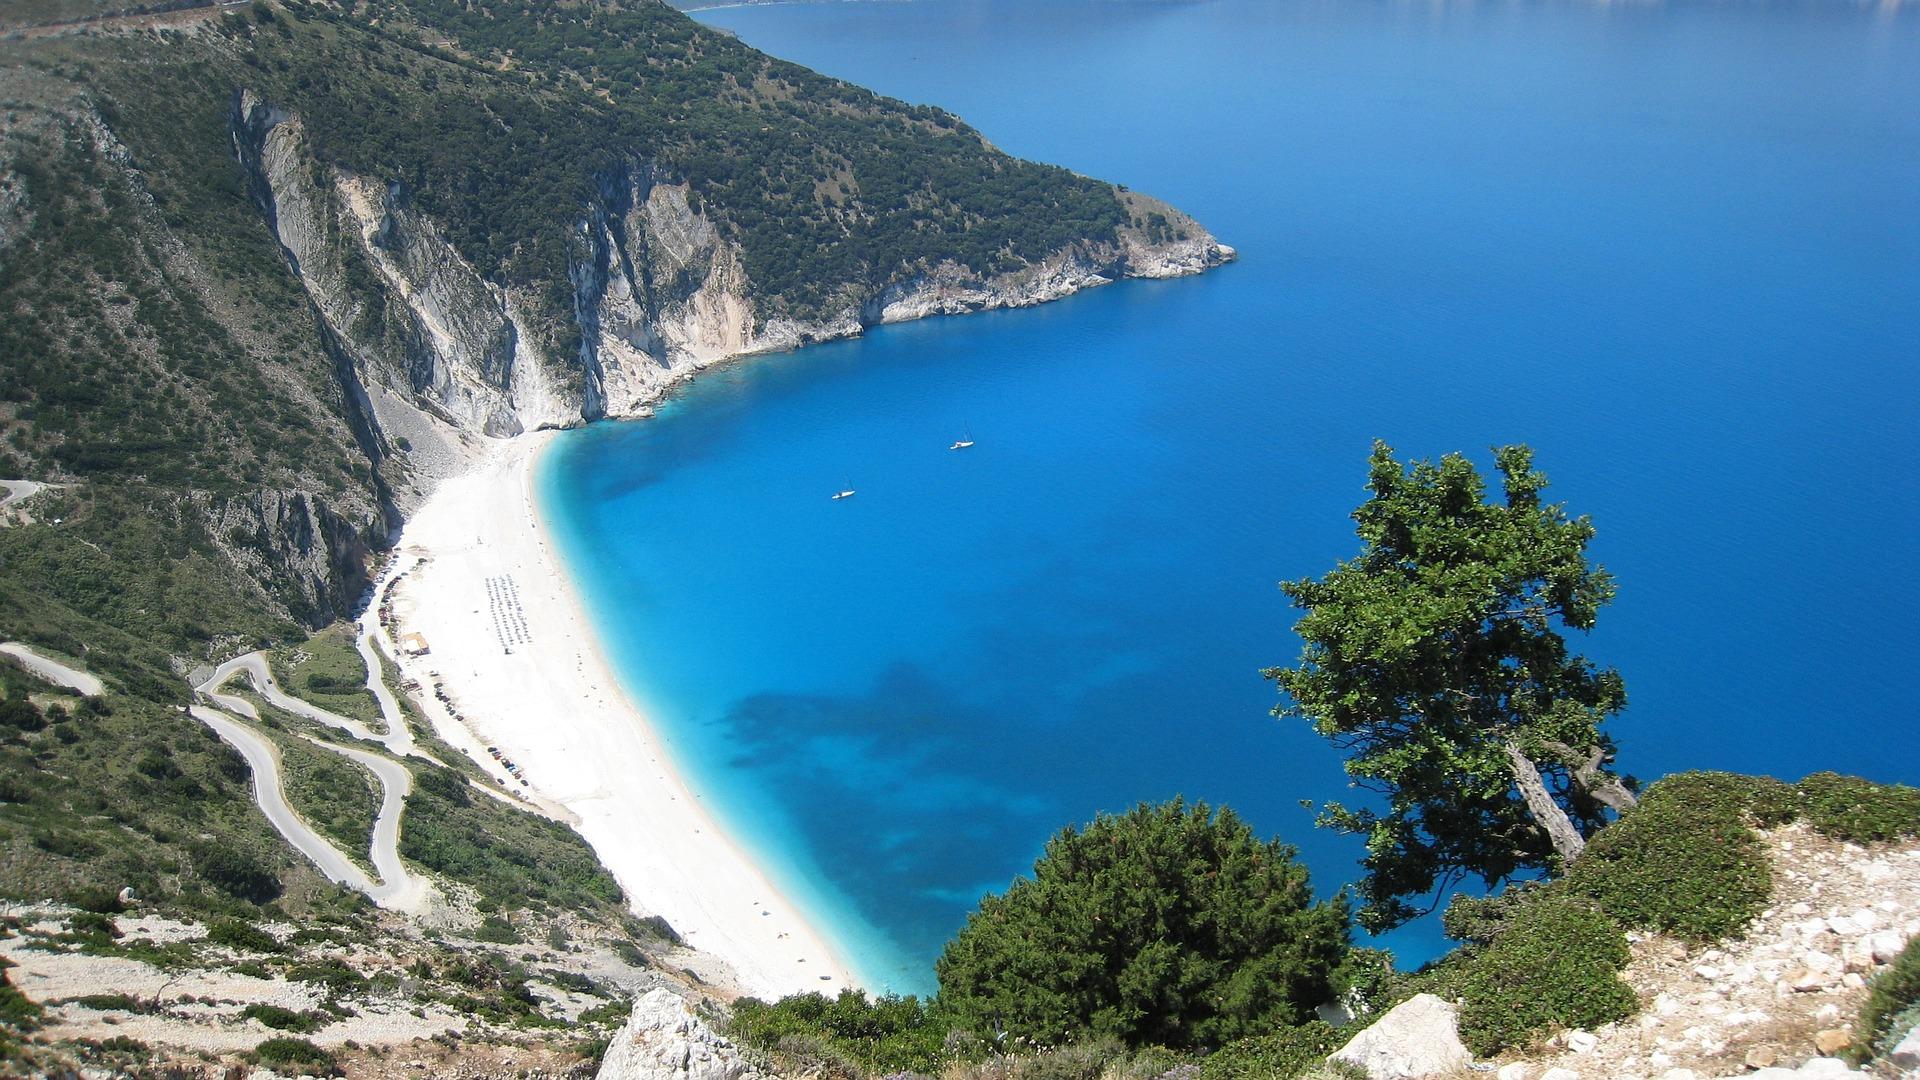 Finde deinen Traumurlaub im Mittelmeer